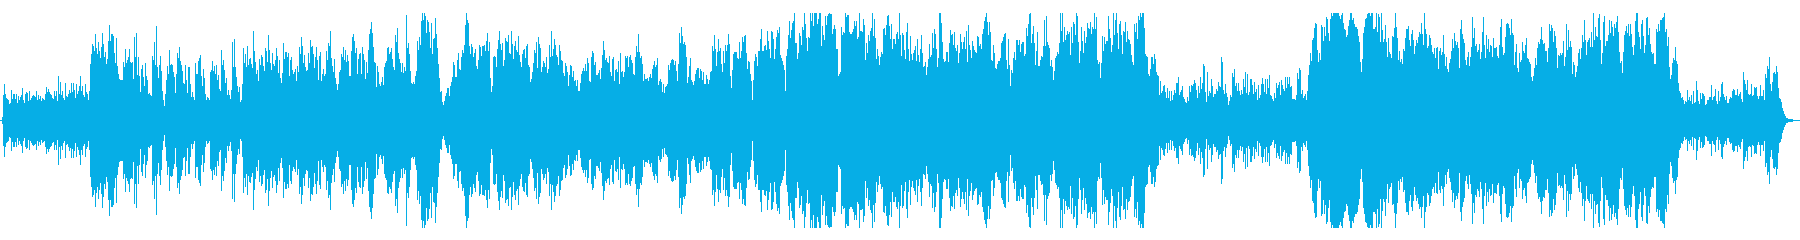 【リズム無し】オーケストラ・エピッ…冒険の再生済みの波形